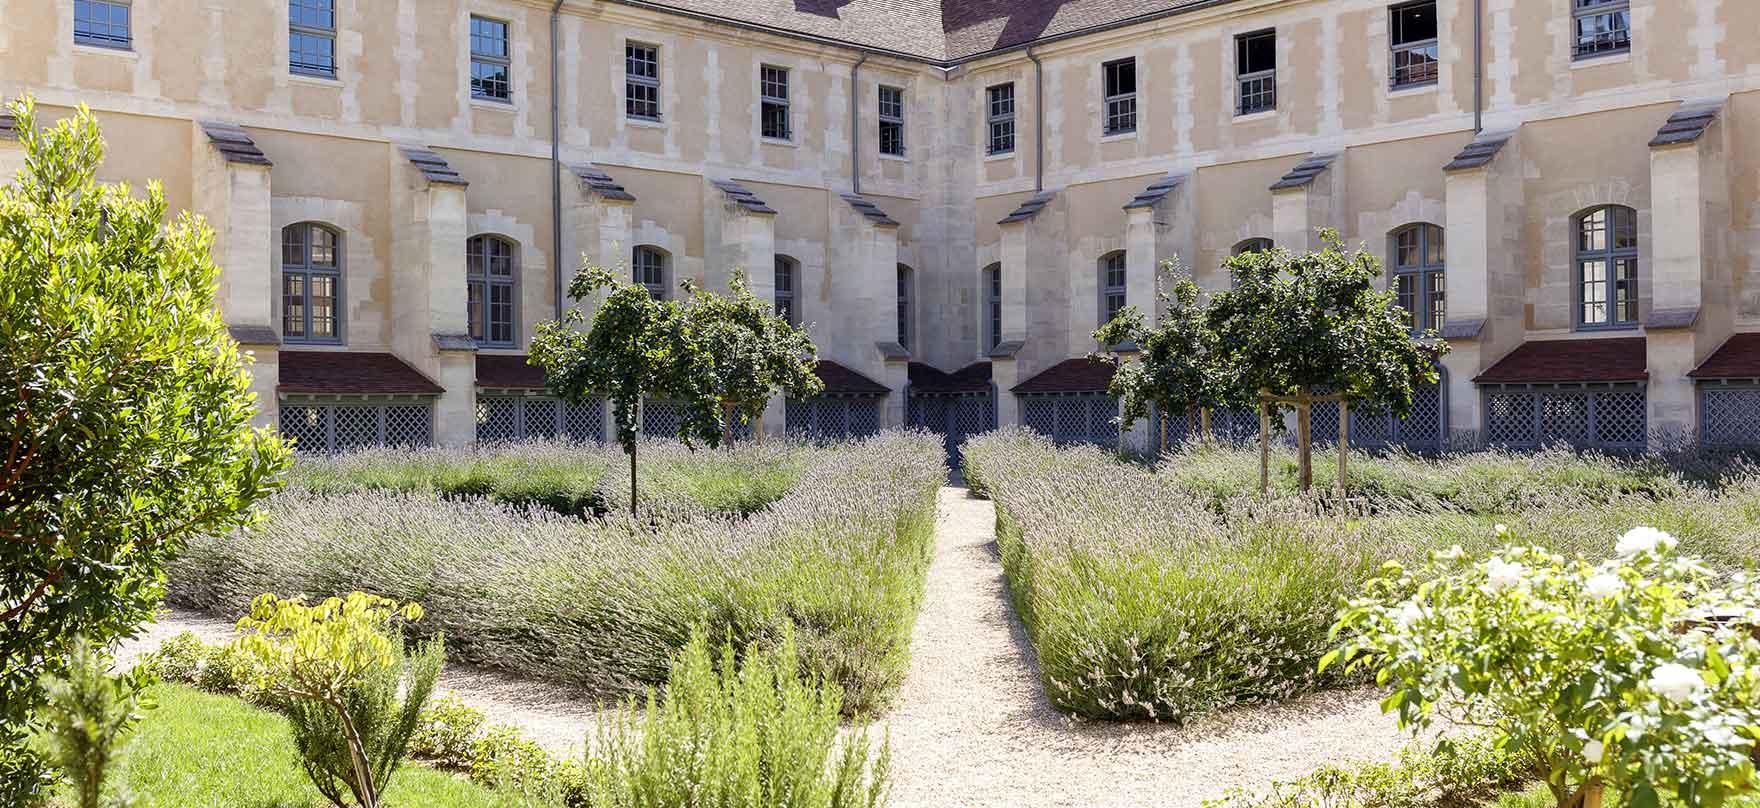 Jardins Laennec